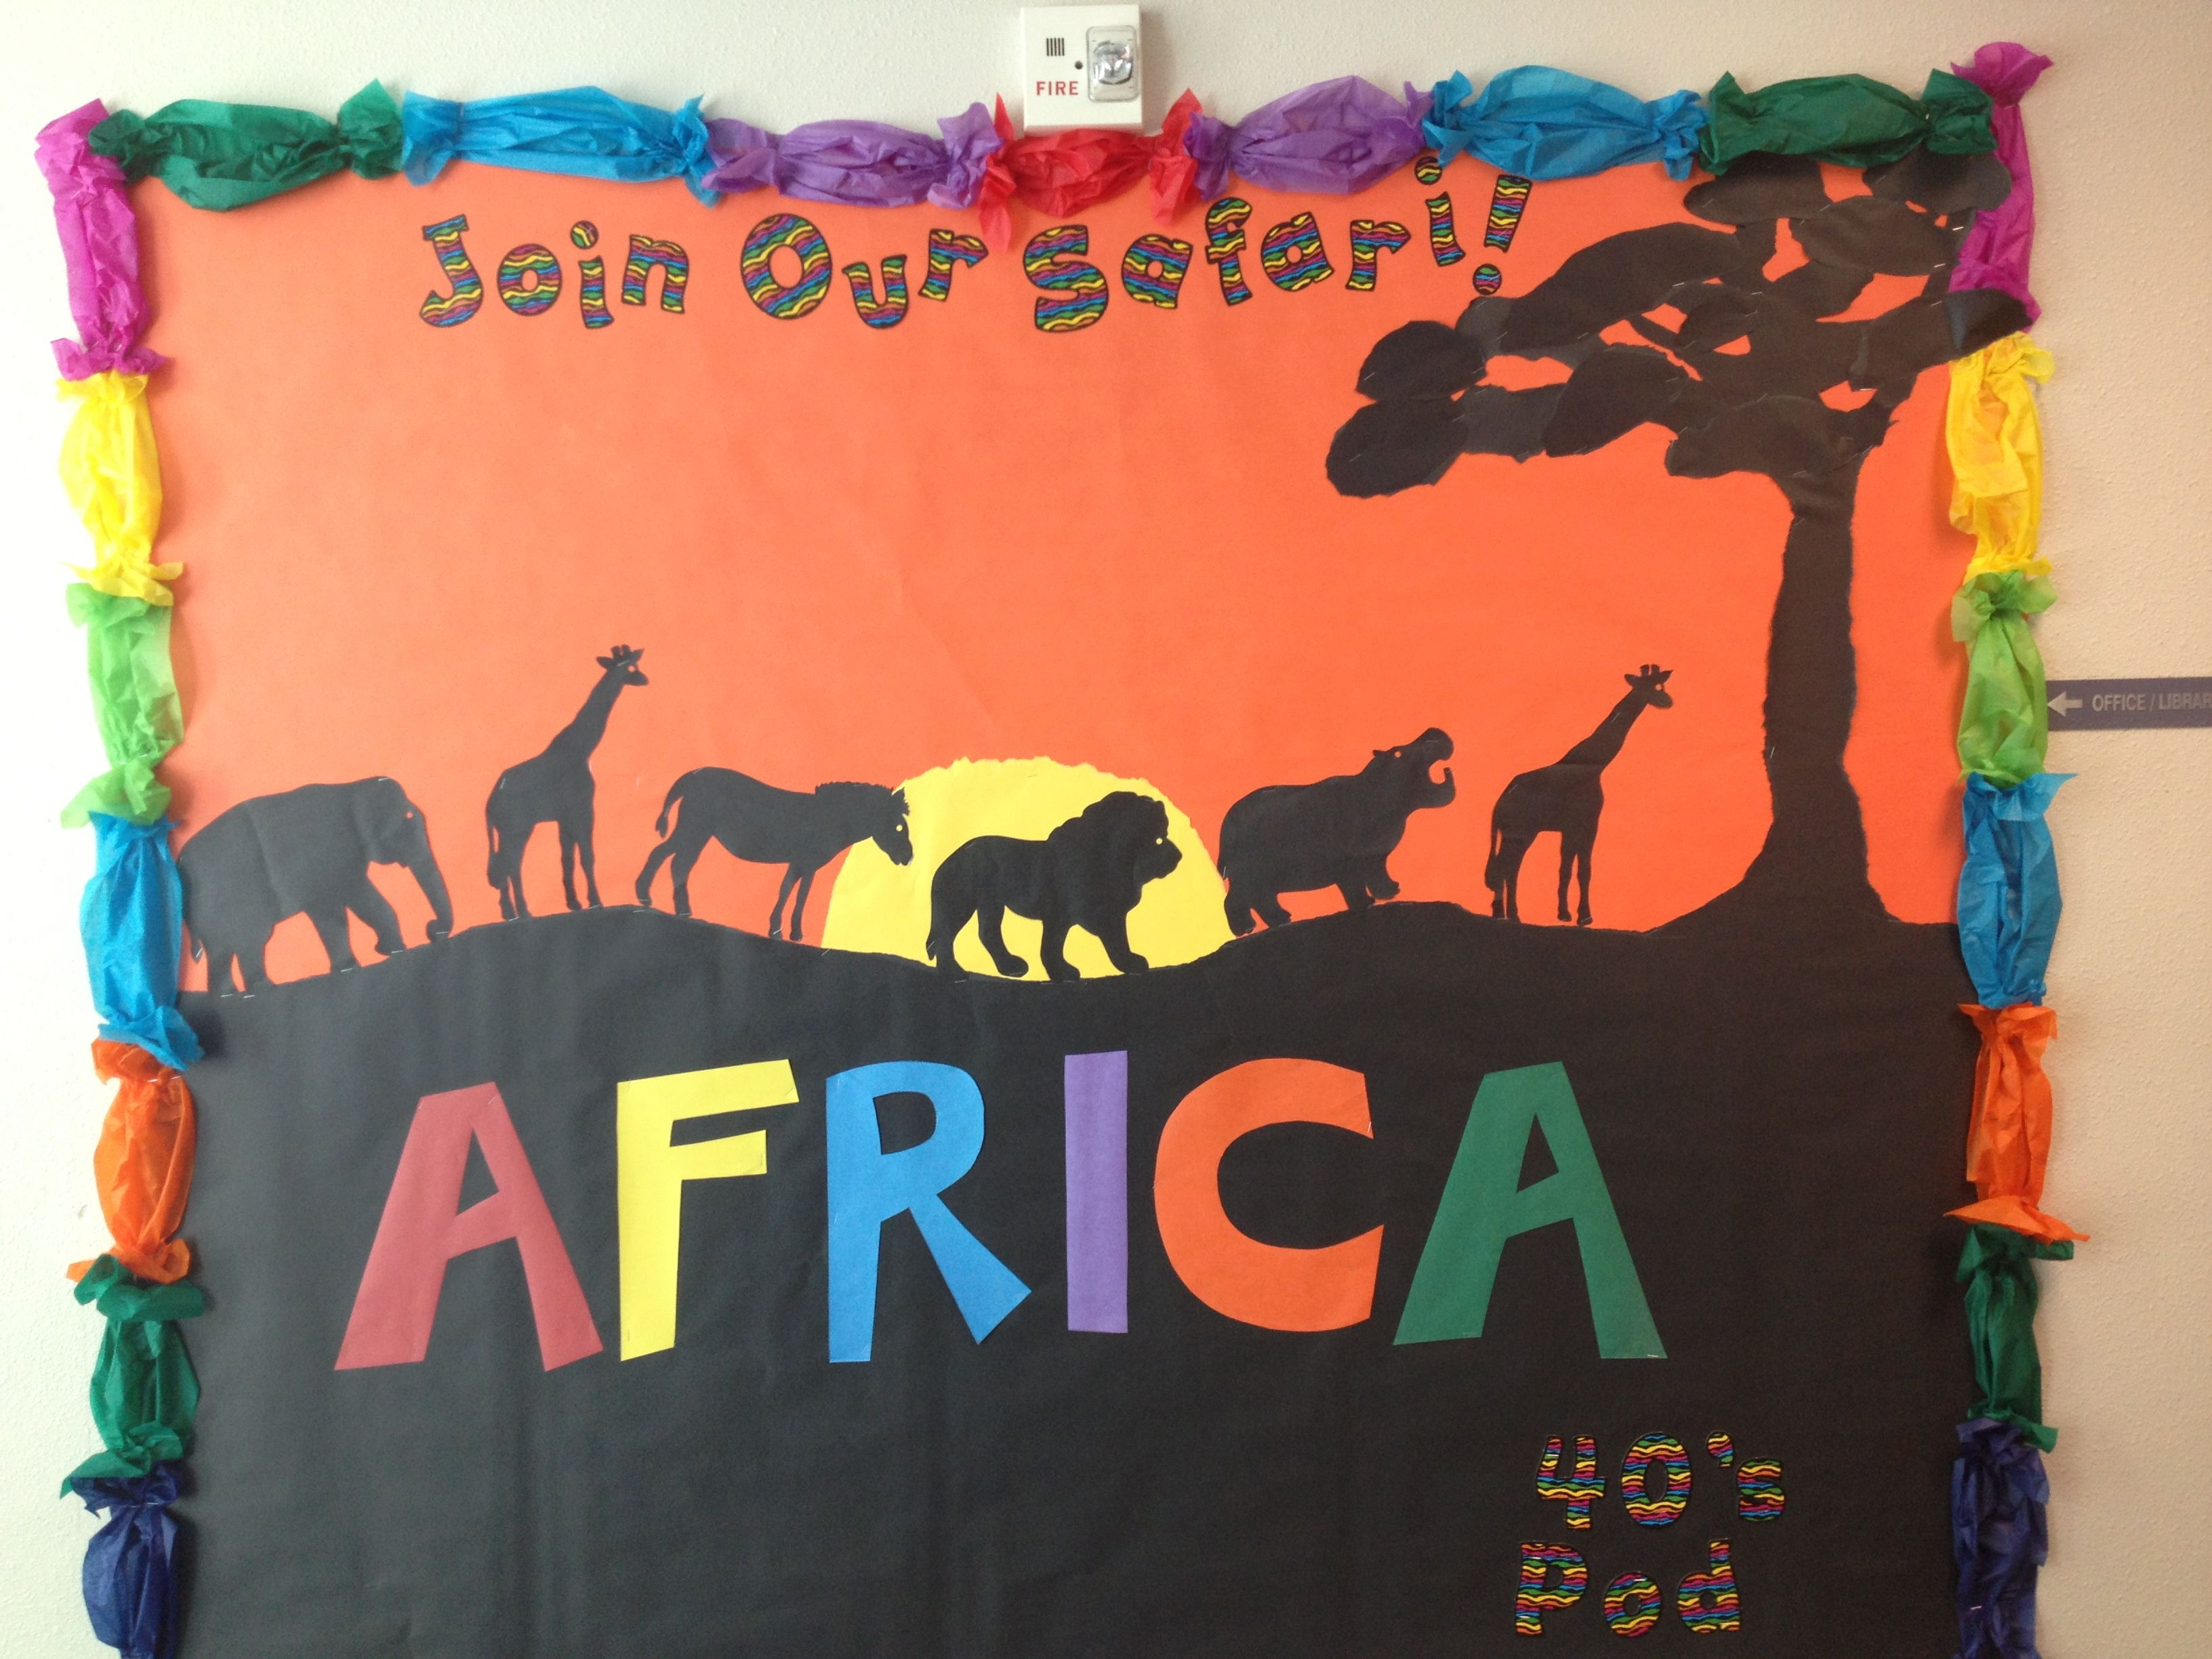 Top tourist attractions in tanzania bulletin board for Theme board ideas